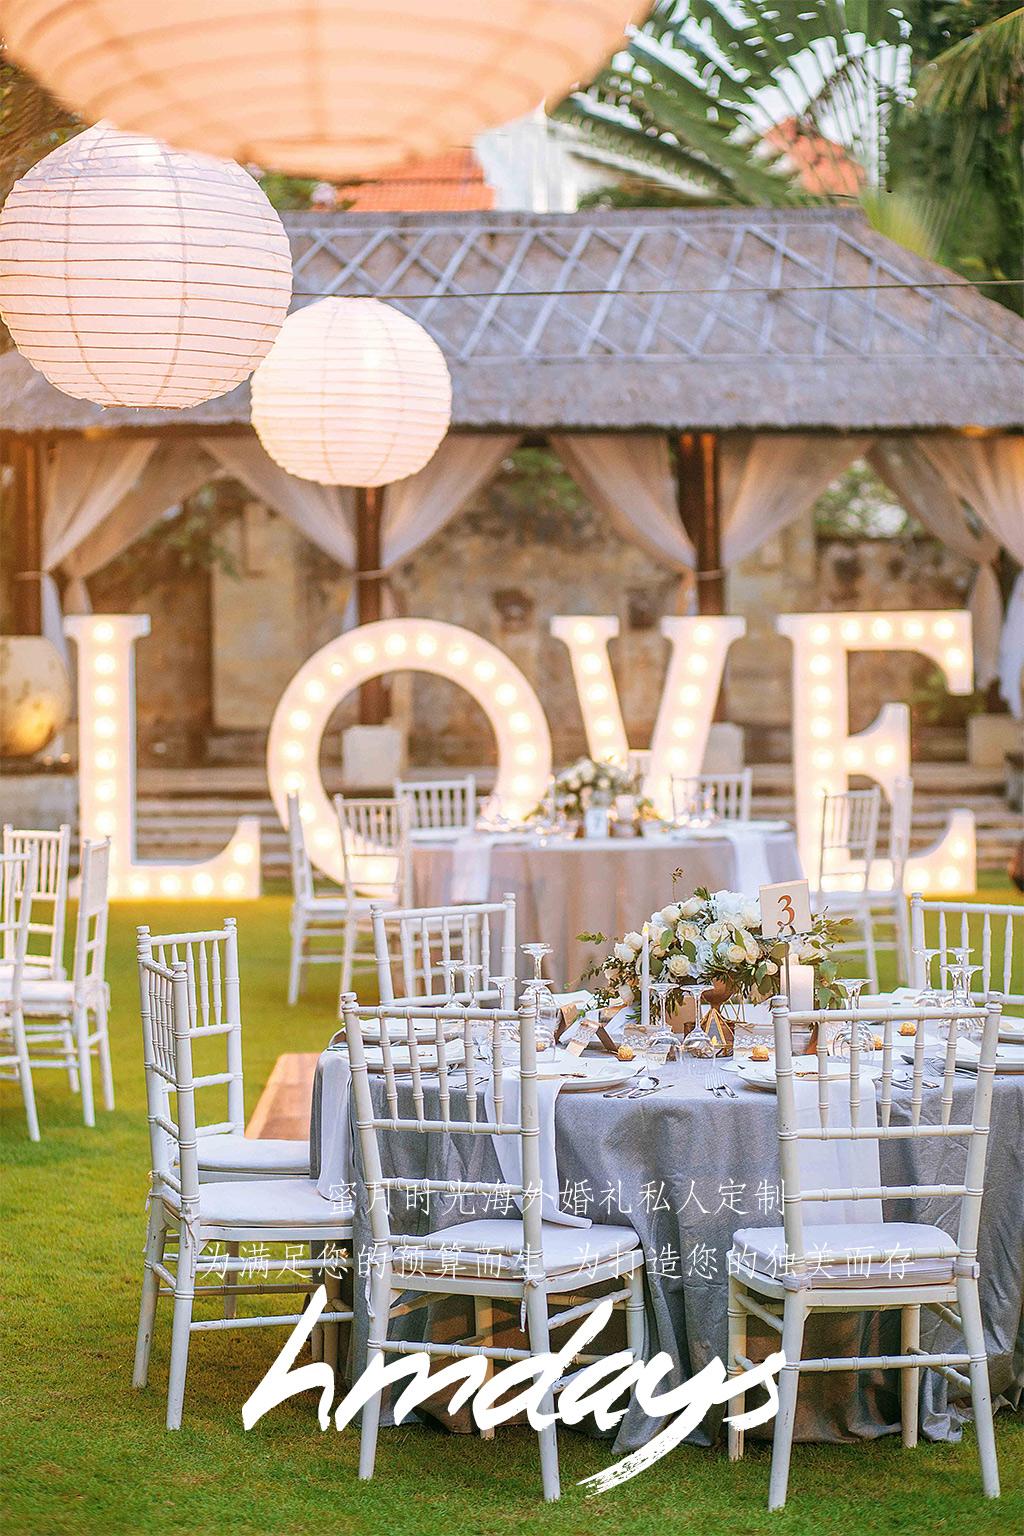 巴厘岛LOVE灯港丽婚礼晚宴|海外婚礼晚宴布置定制|海外婚礼定制中高端布置案例|巴厘岛婚礼布置定制案例